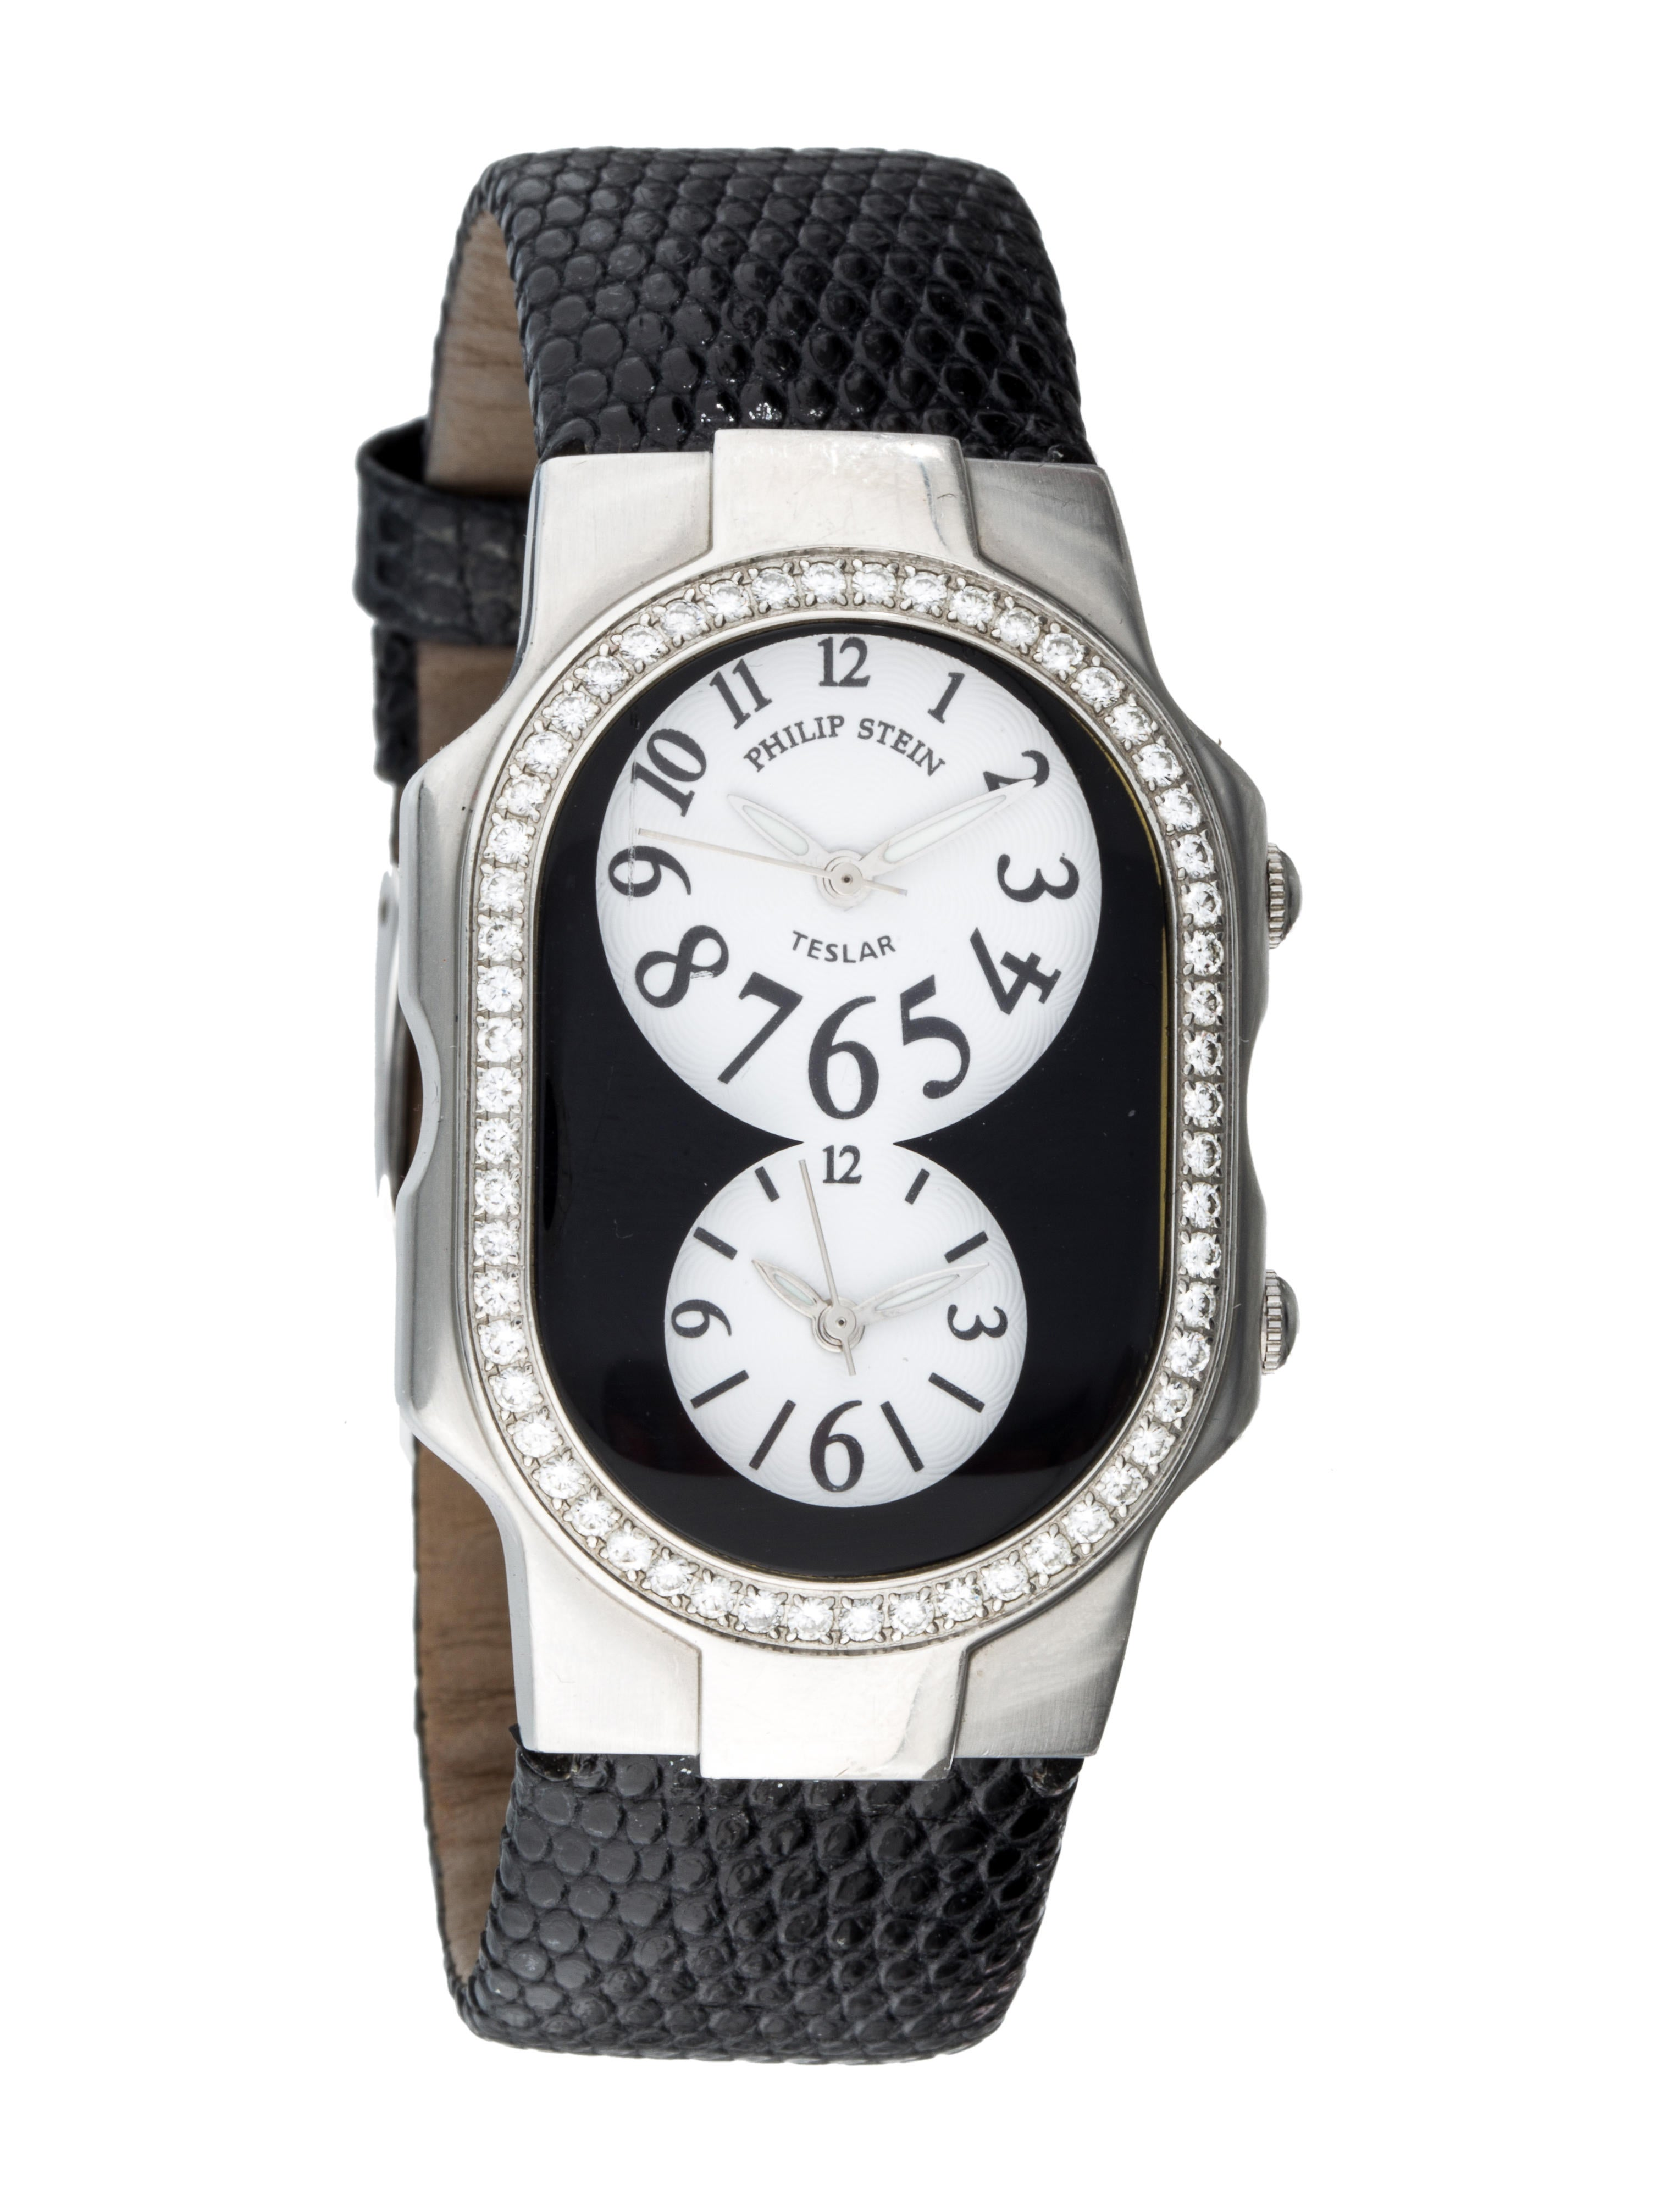 Philip stein diamond teslar watch strap phs20112 the realreal for Philip stein watches